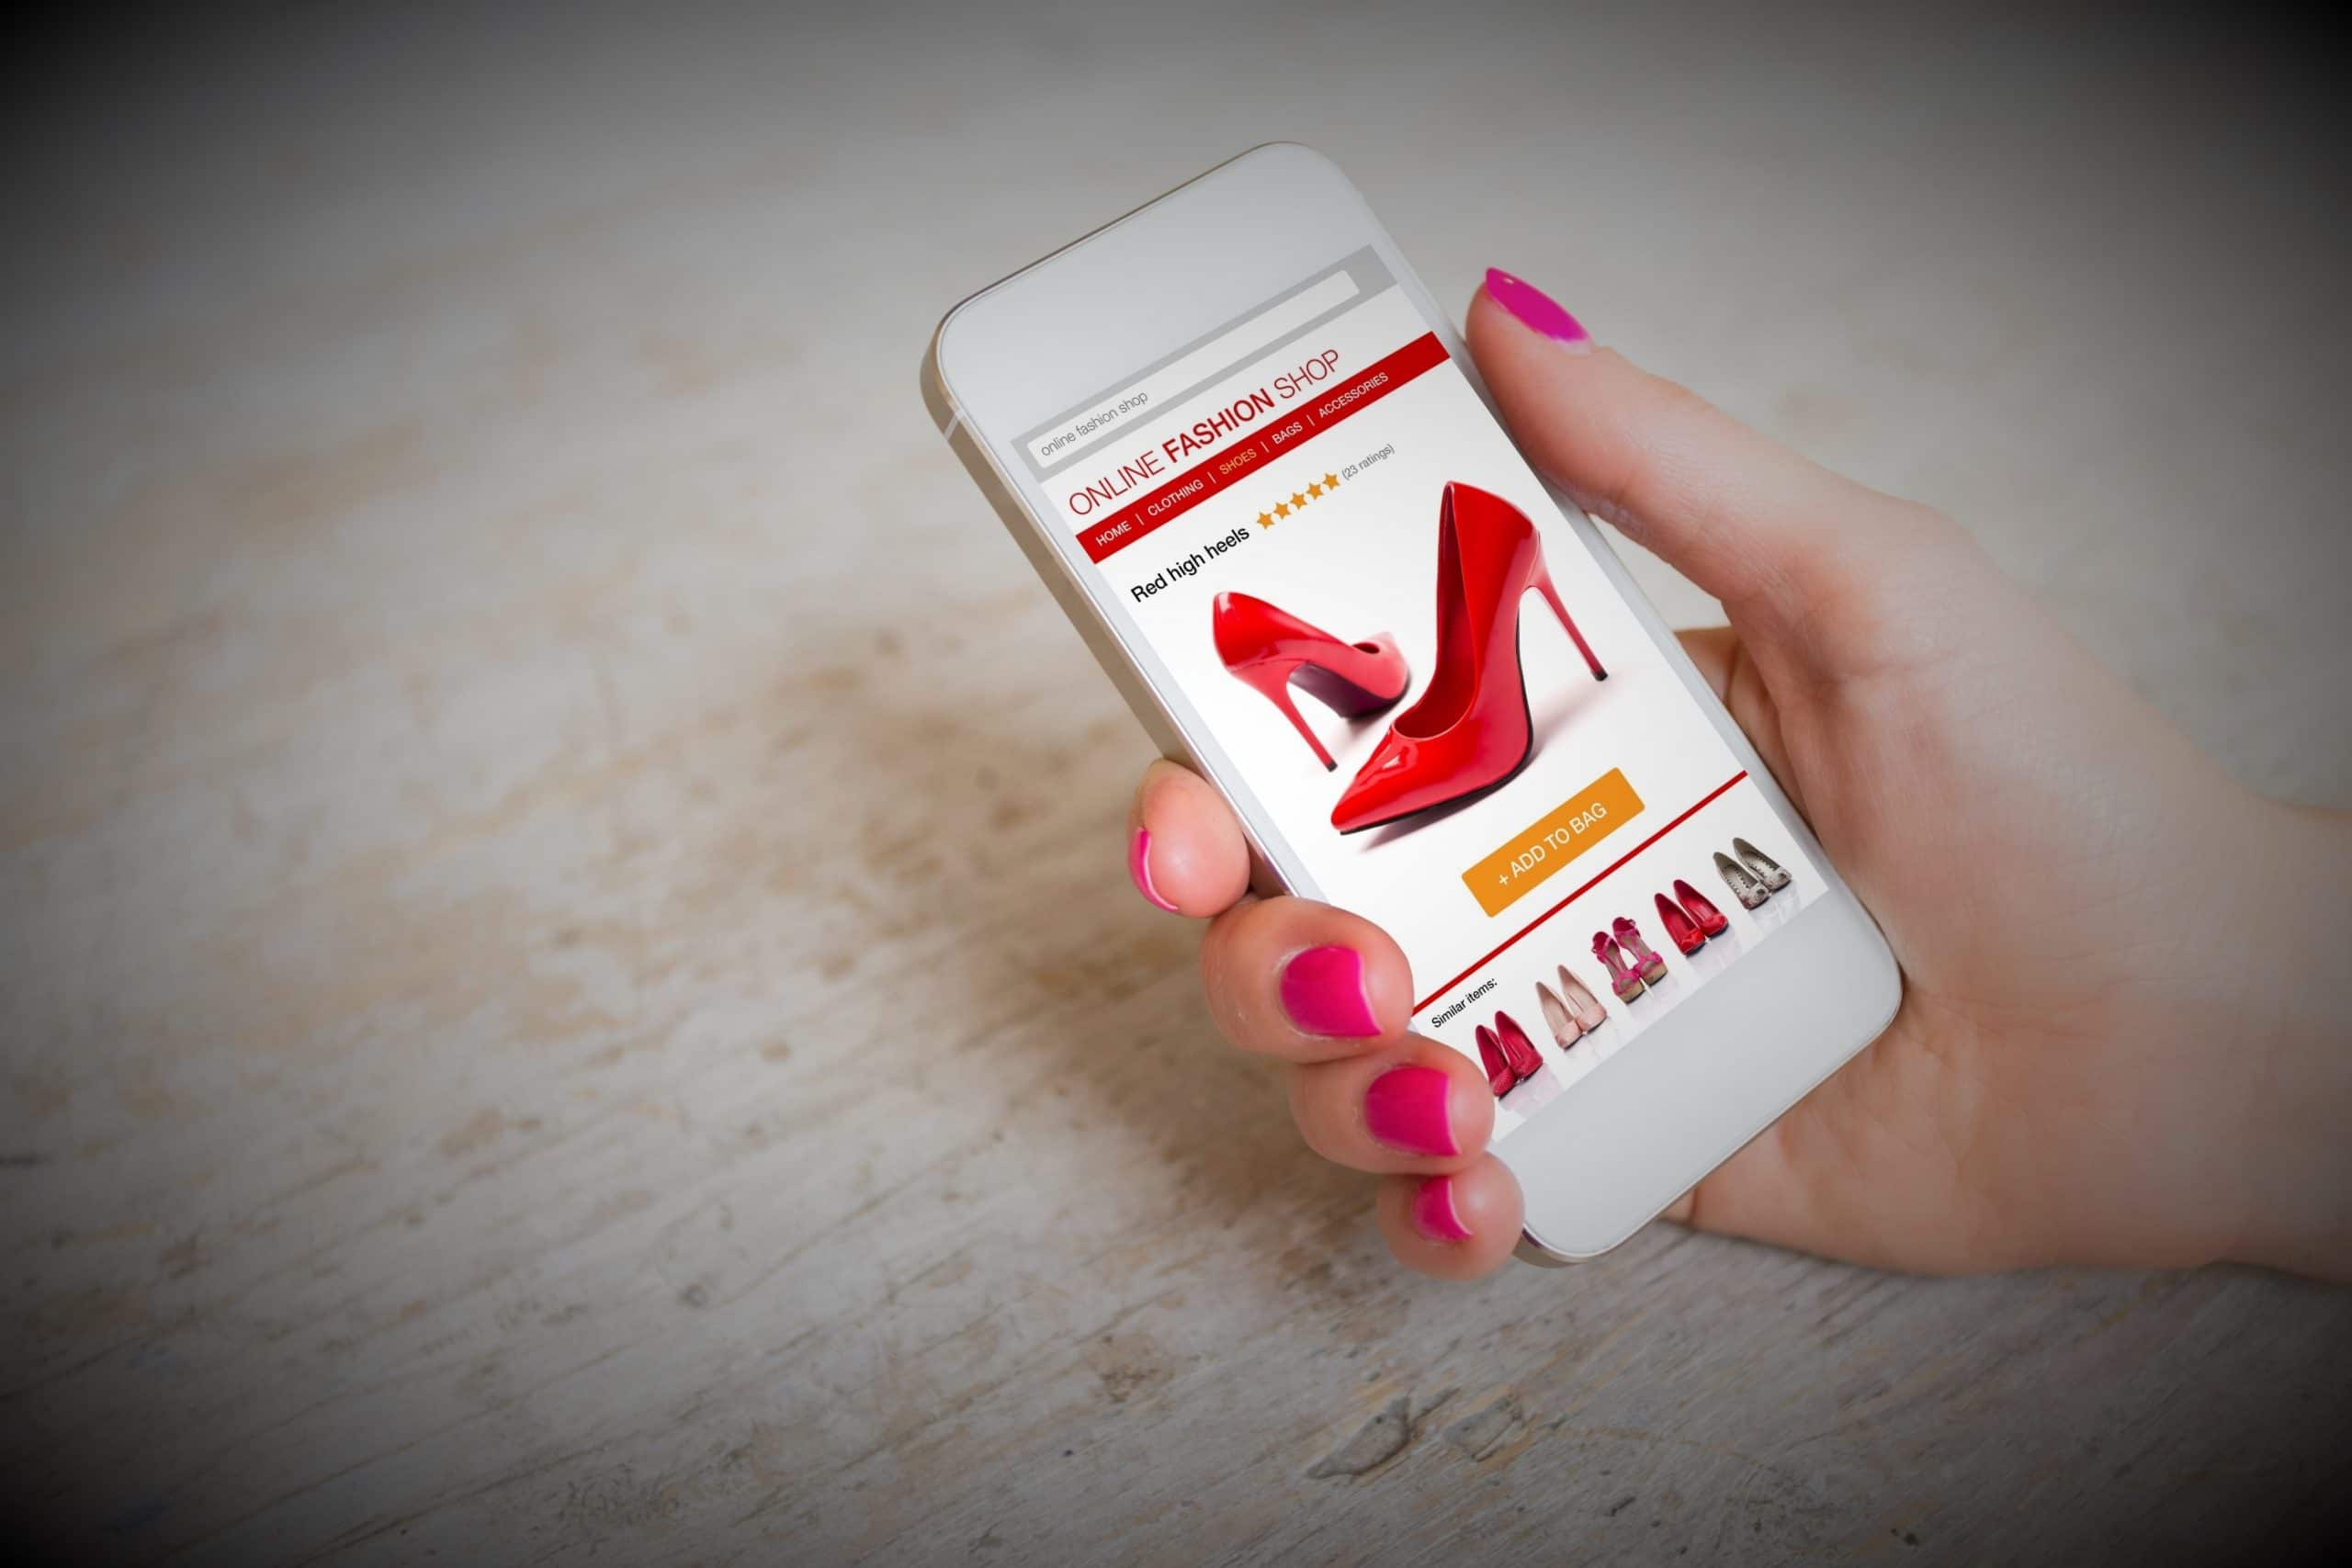 online shop agentur schweiz, online shop programmierung, online-shop erstellen, professionelle online shops mobile shopping smartphone shoppig, responsive